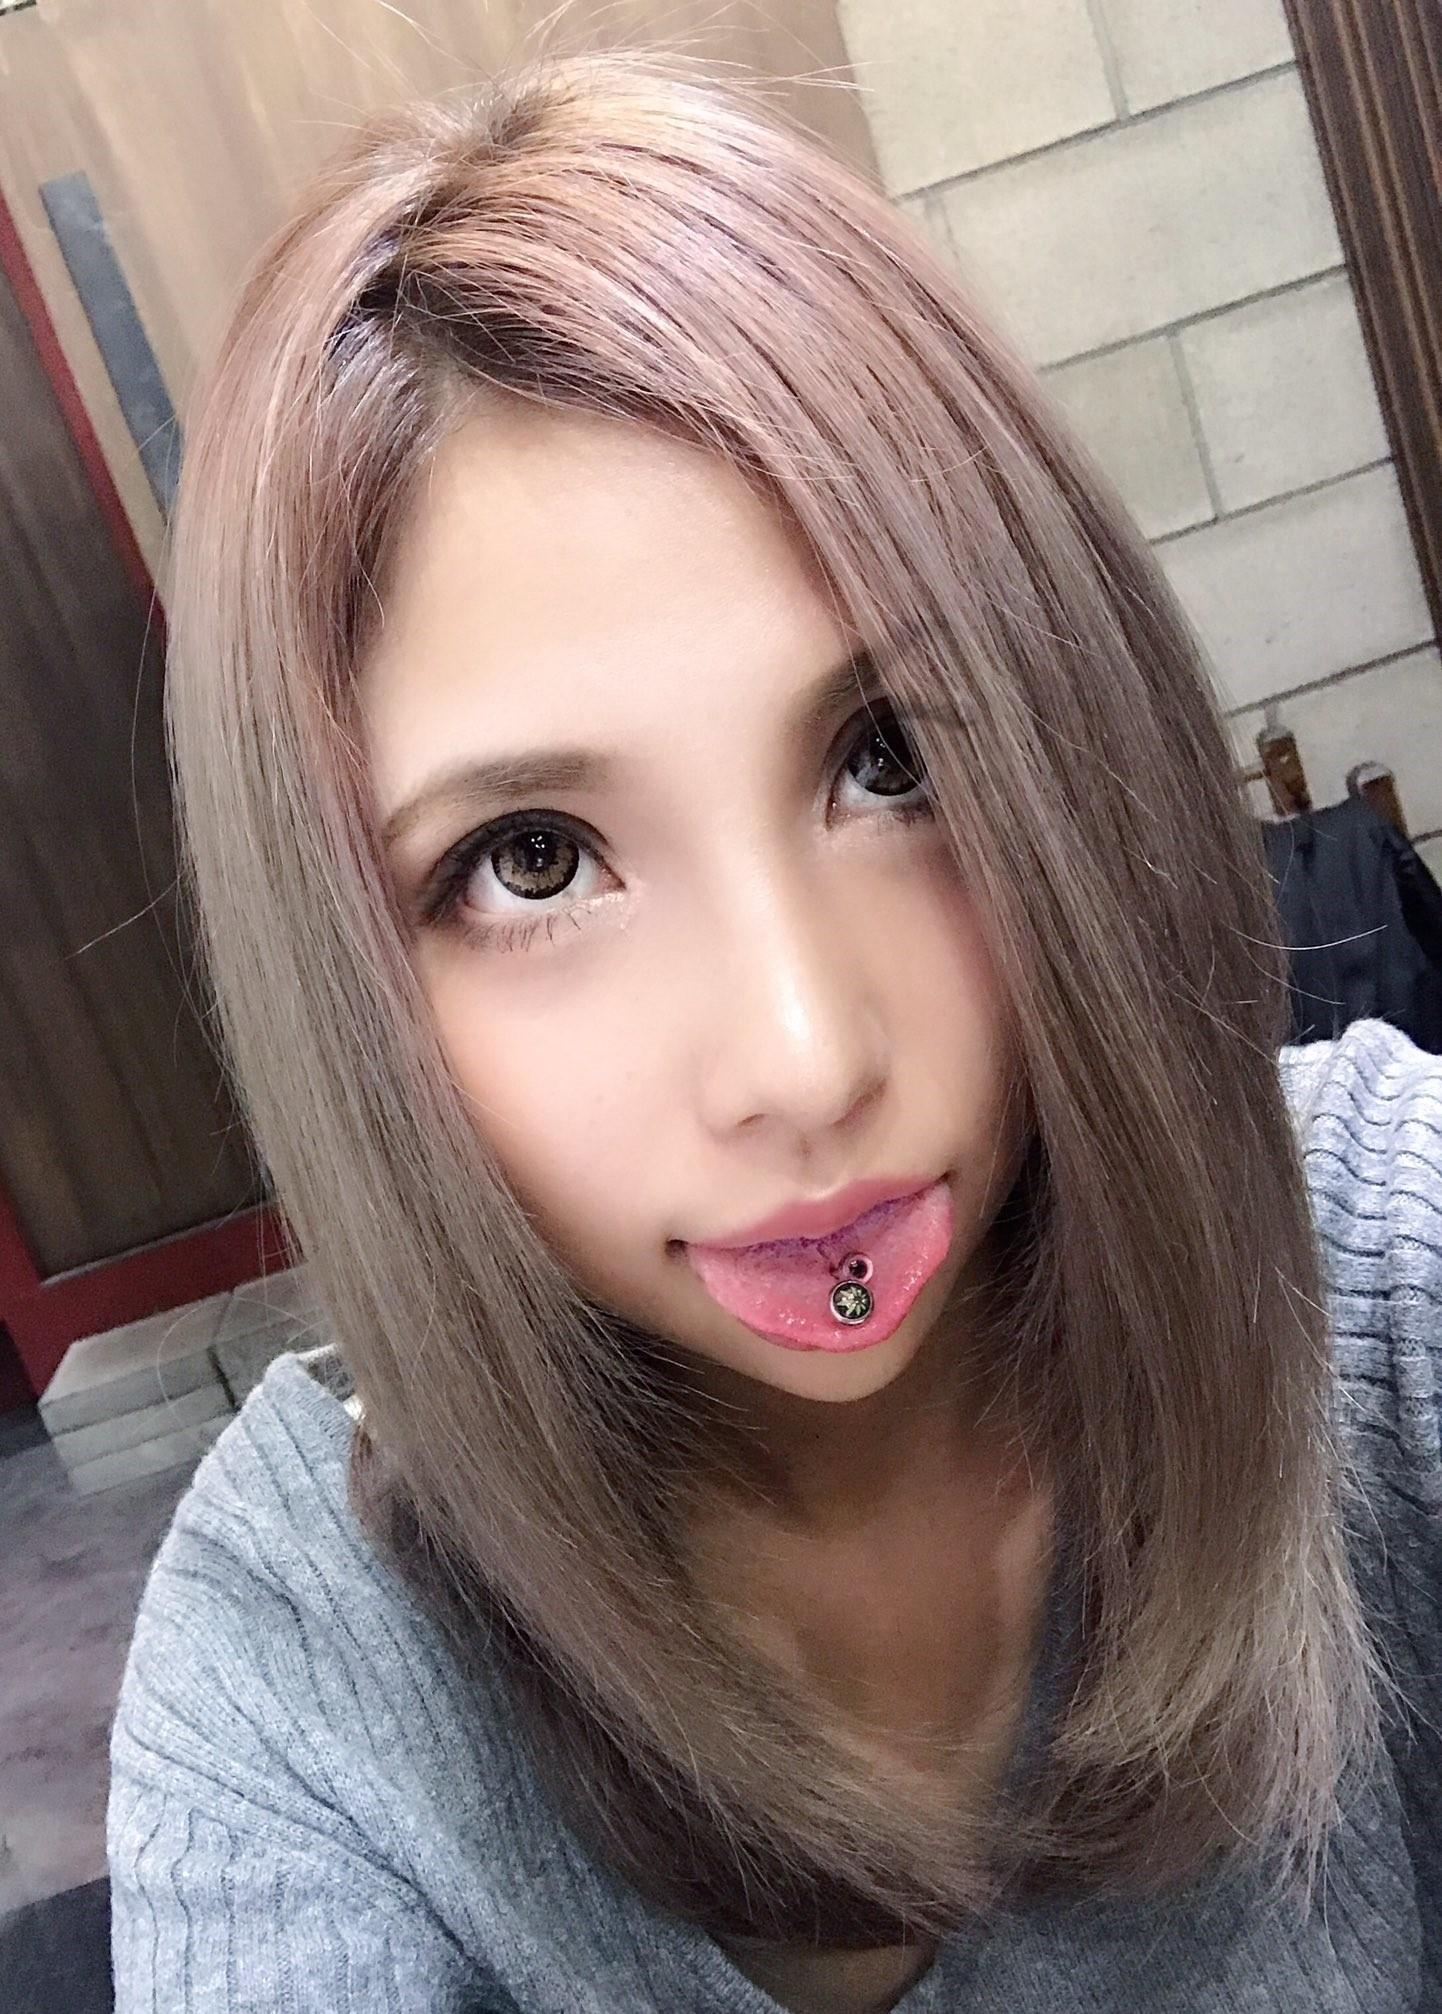 鎌沢朋佳の長舌 (3)